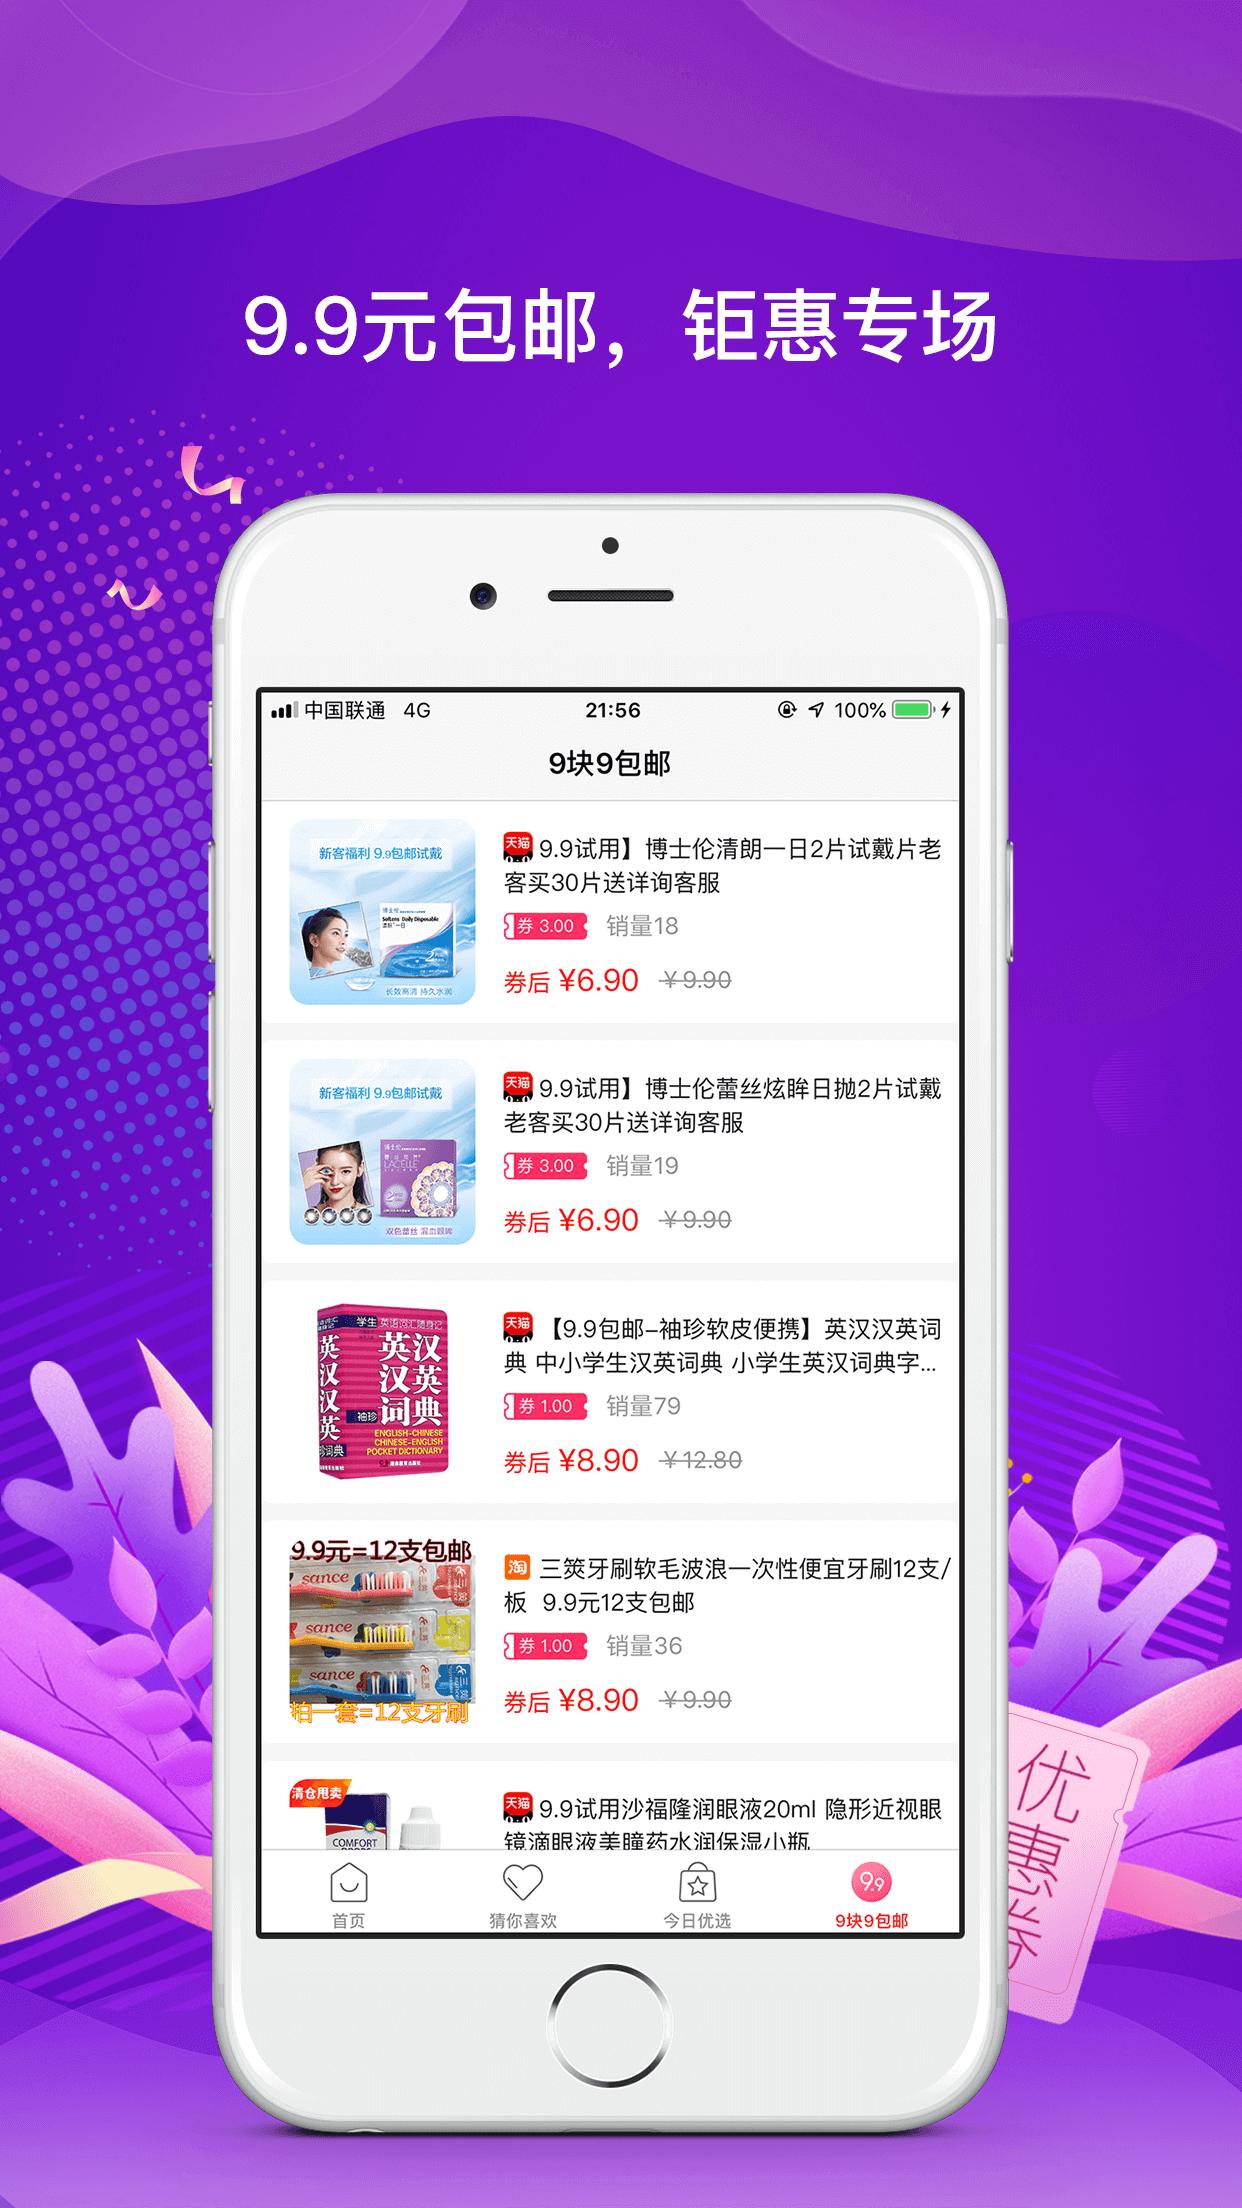 返利app-网购返利省钱首选